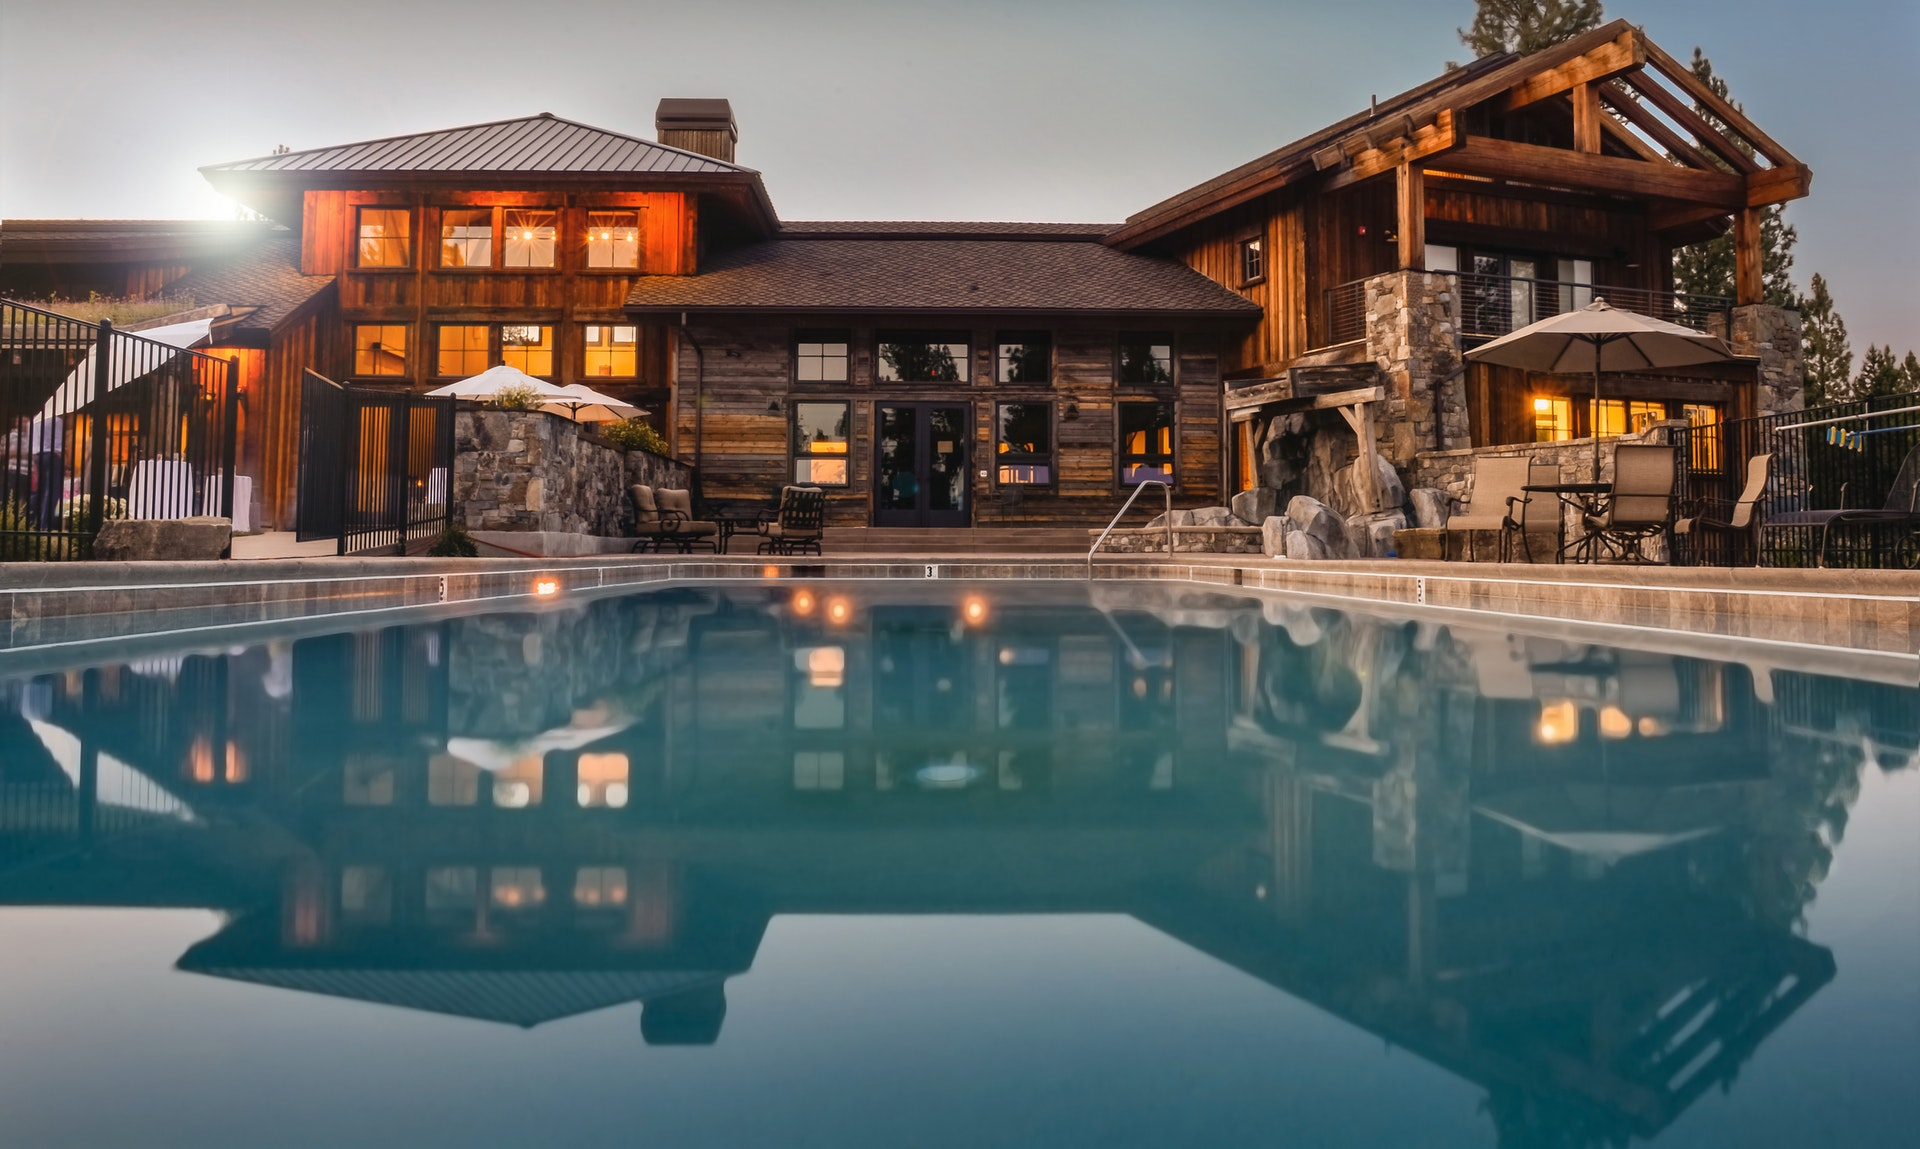 Preisstrategie Immobilienverkauf